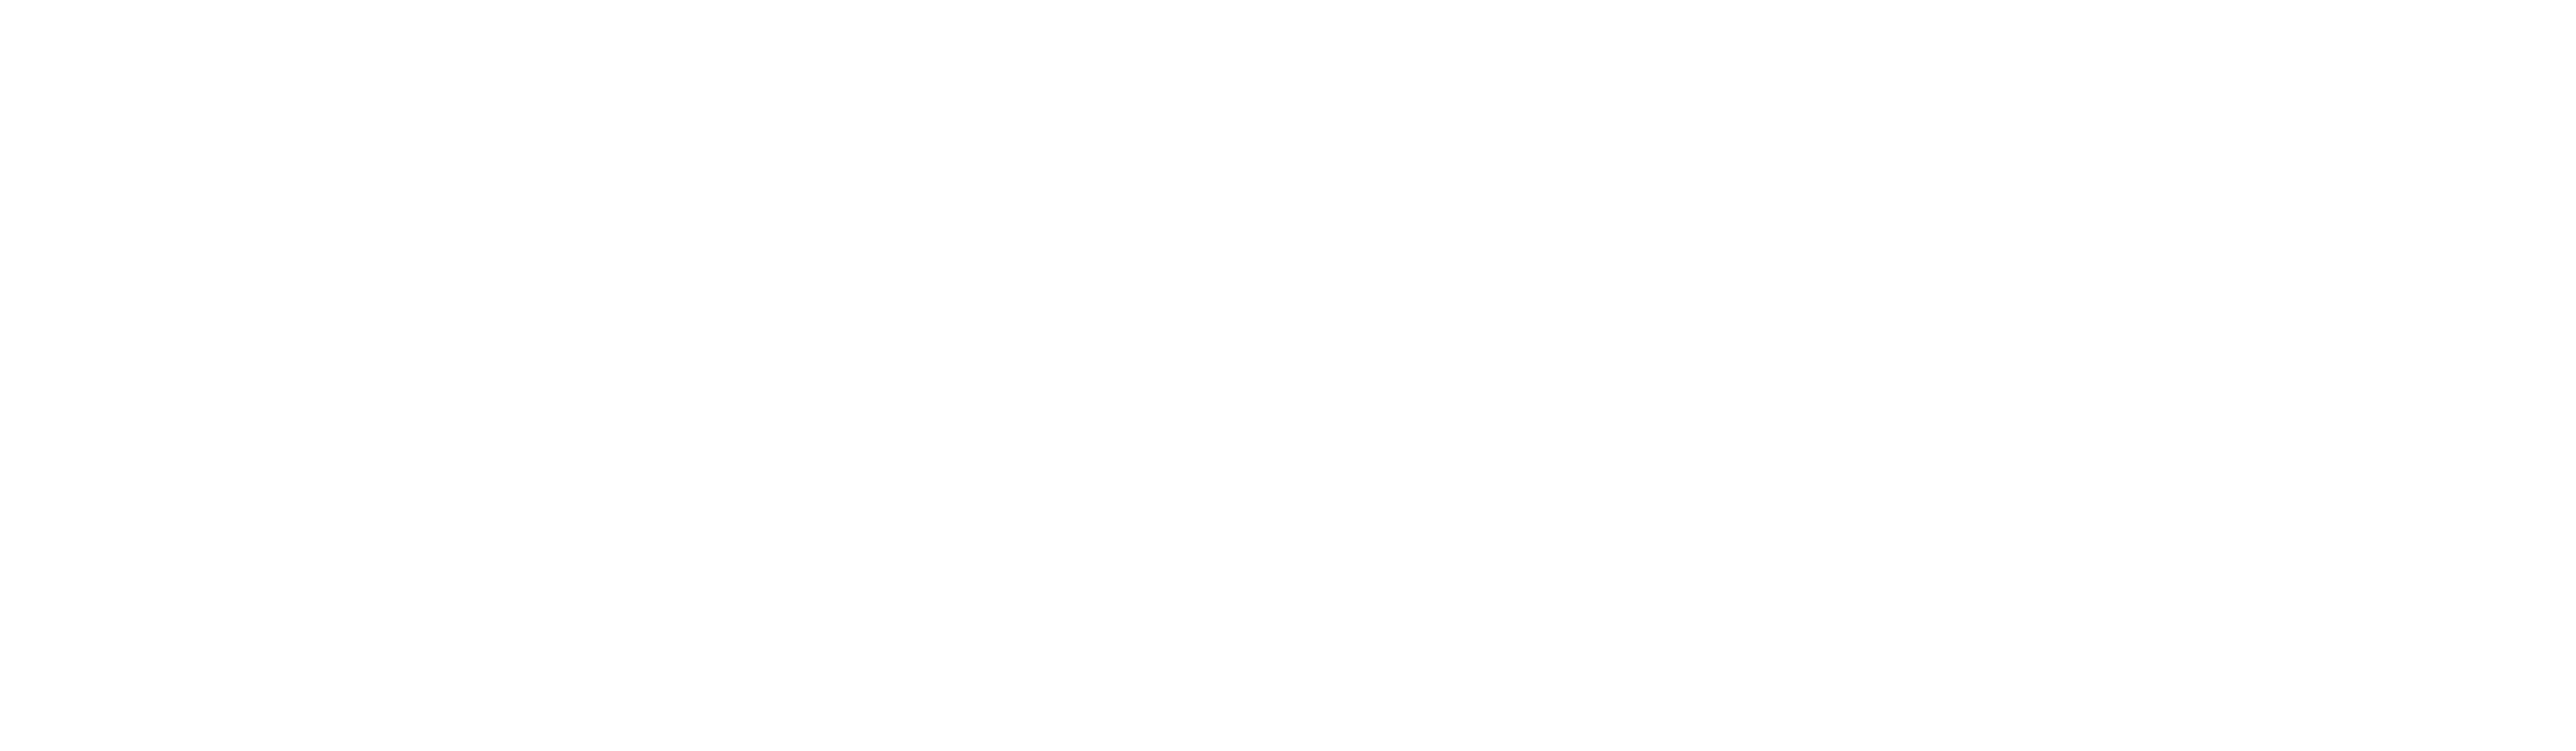 Textual EAD